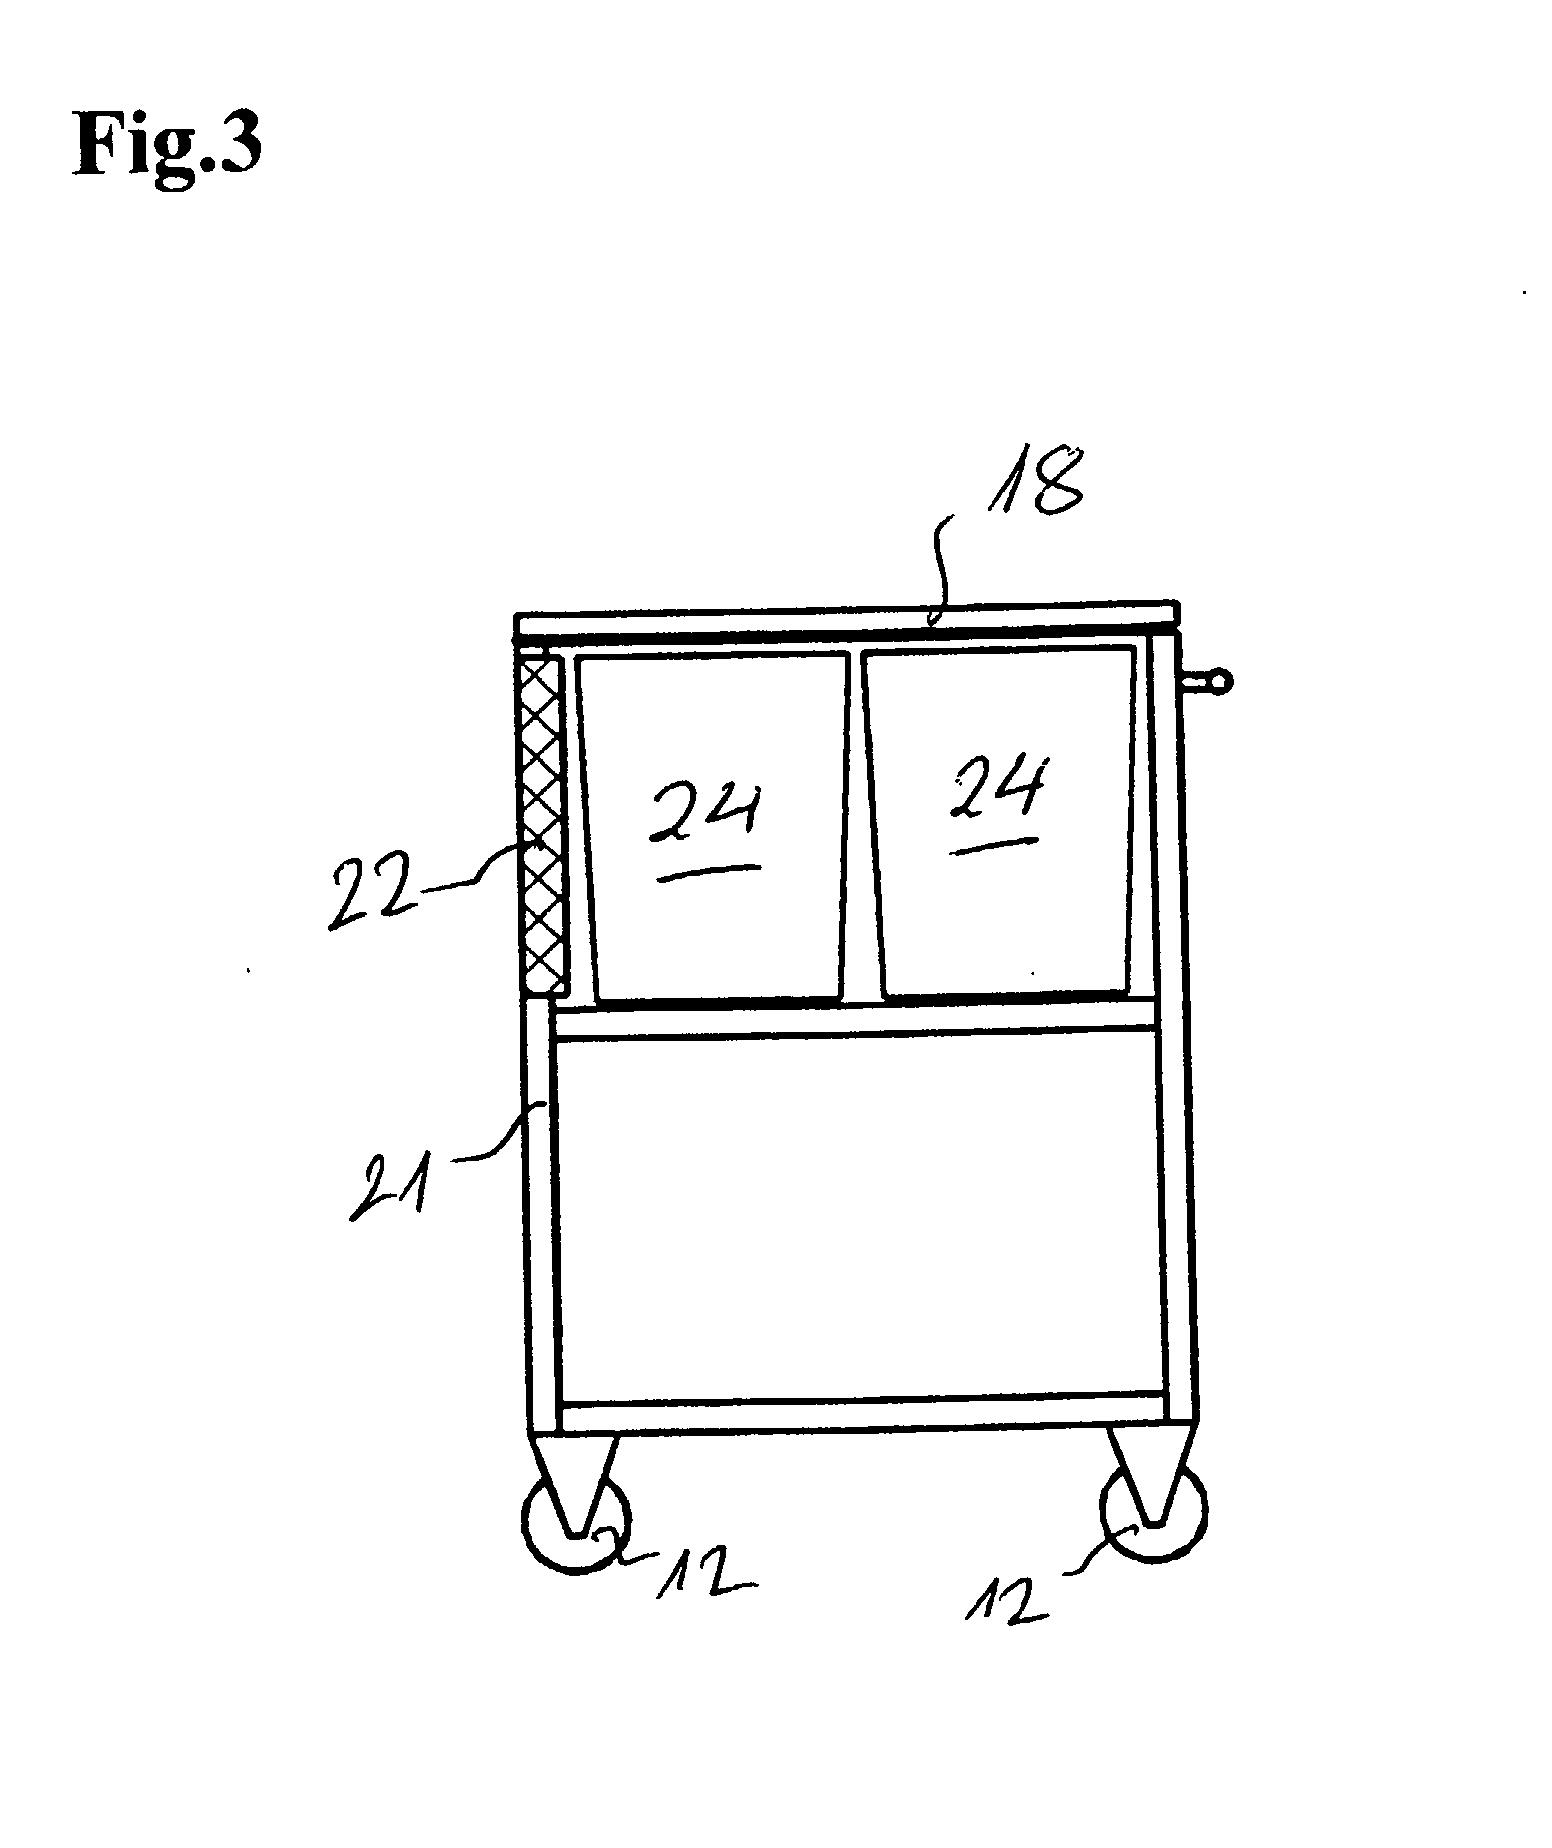 patente ep1260153a2 - fahrbarer küchenwagen - google patentes - Küchenwagen Mit Mülleimer